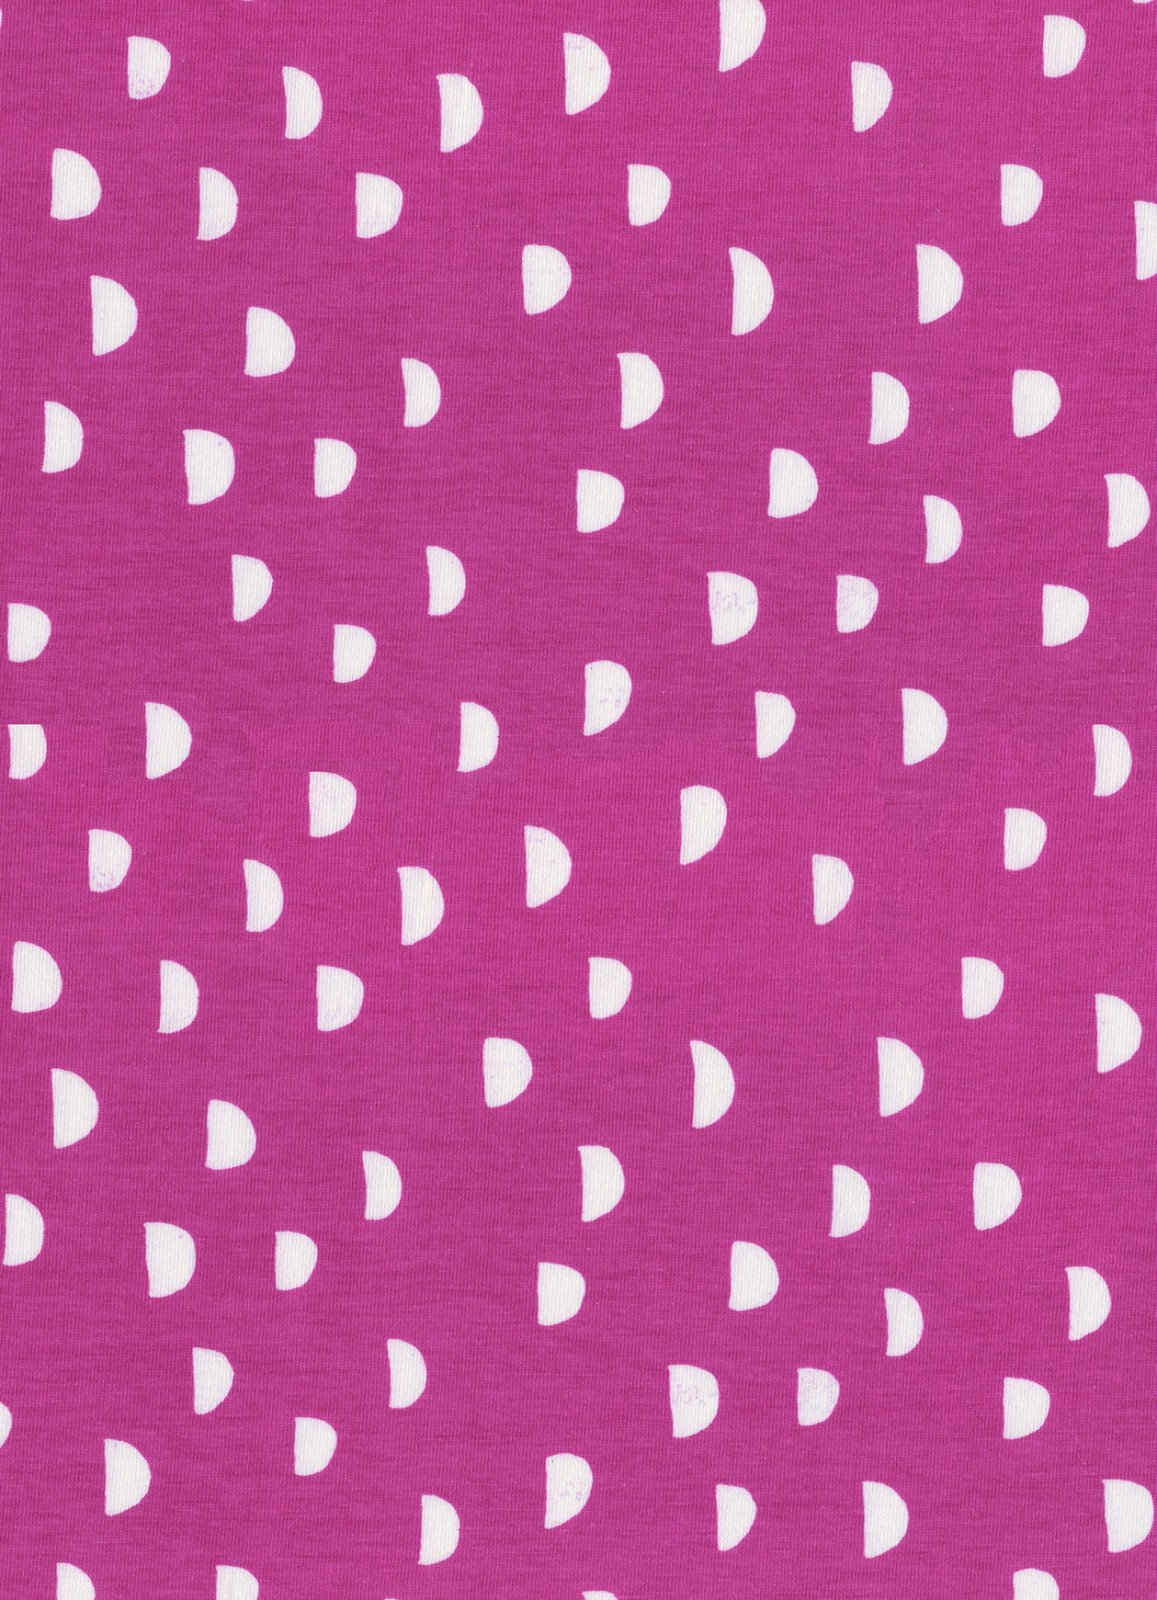 Cotton + Steel Dress Shop Moons Orchid Knit C5155-037